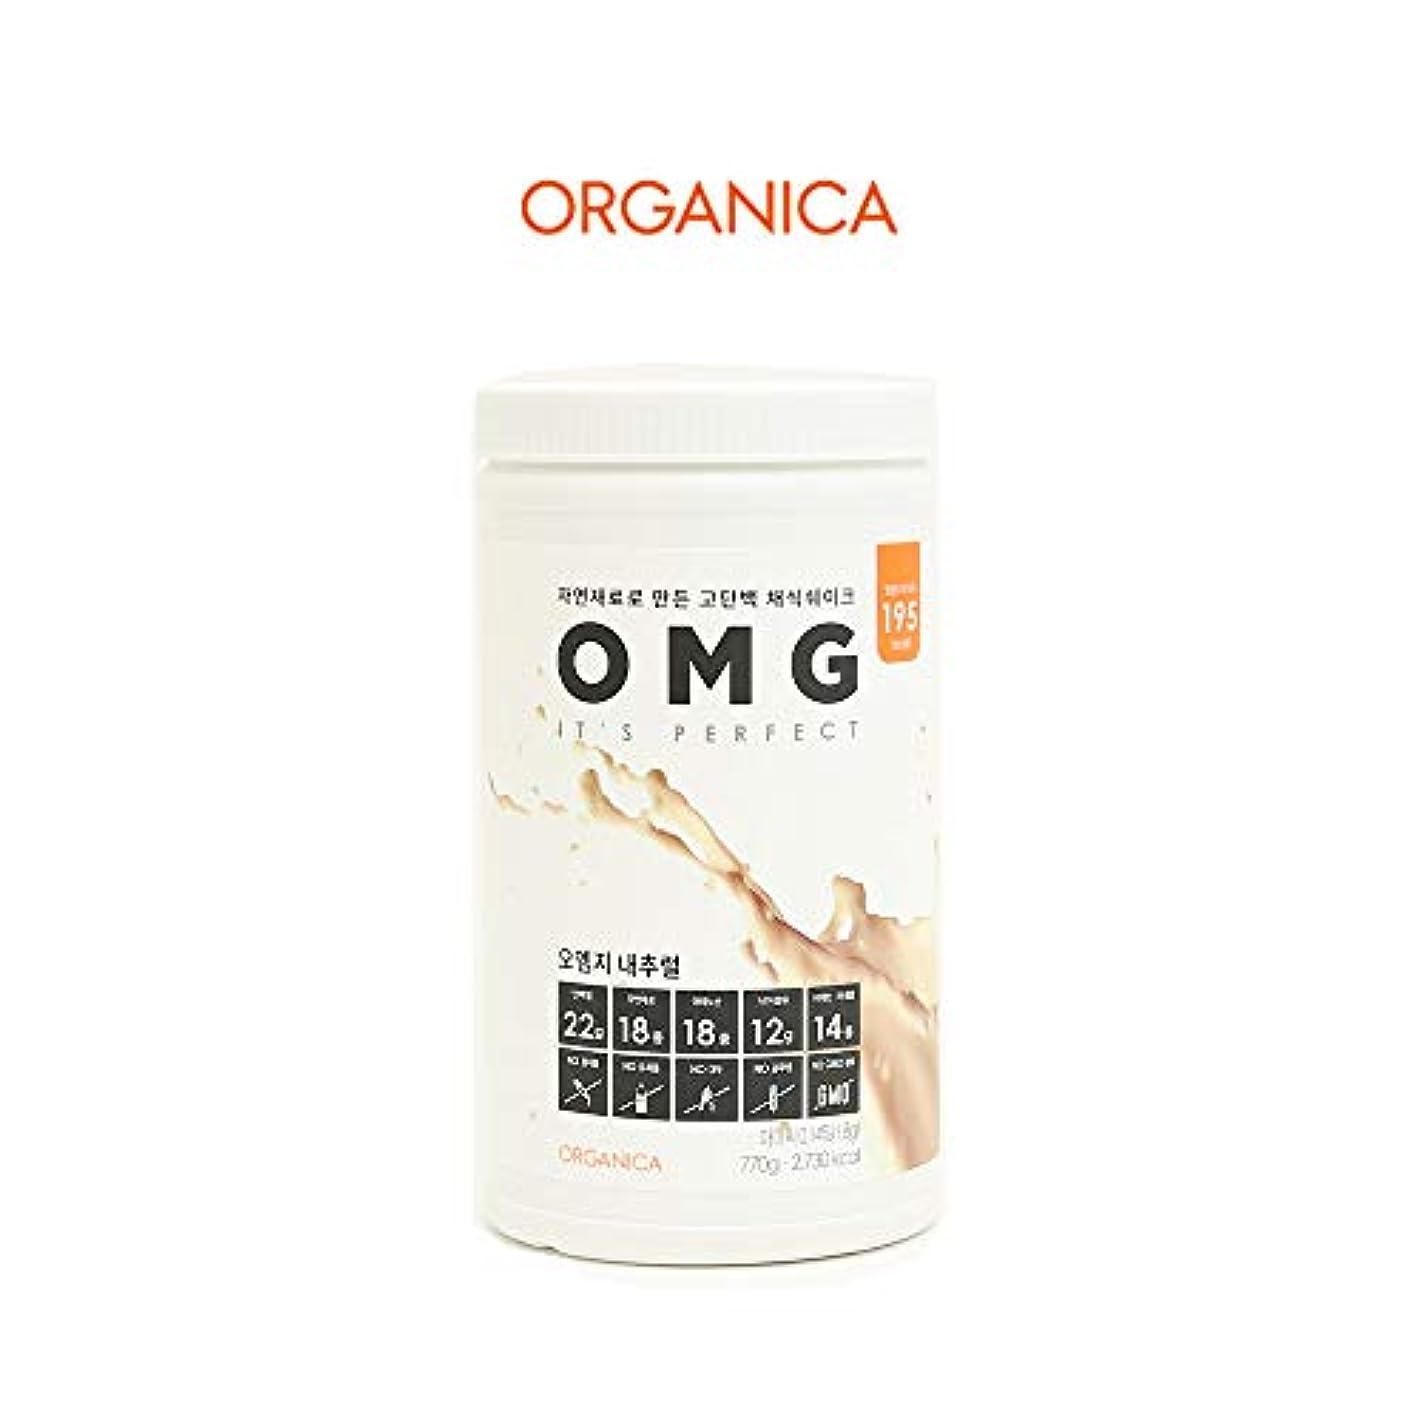 学期慣れている線オーエムジー タンパク質 ダイエット シェイク (OMG, protein shake) (ナチュラル)